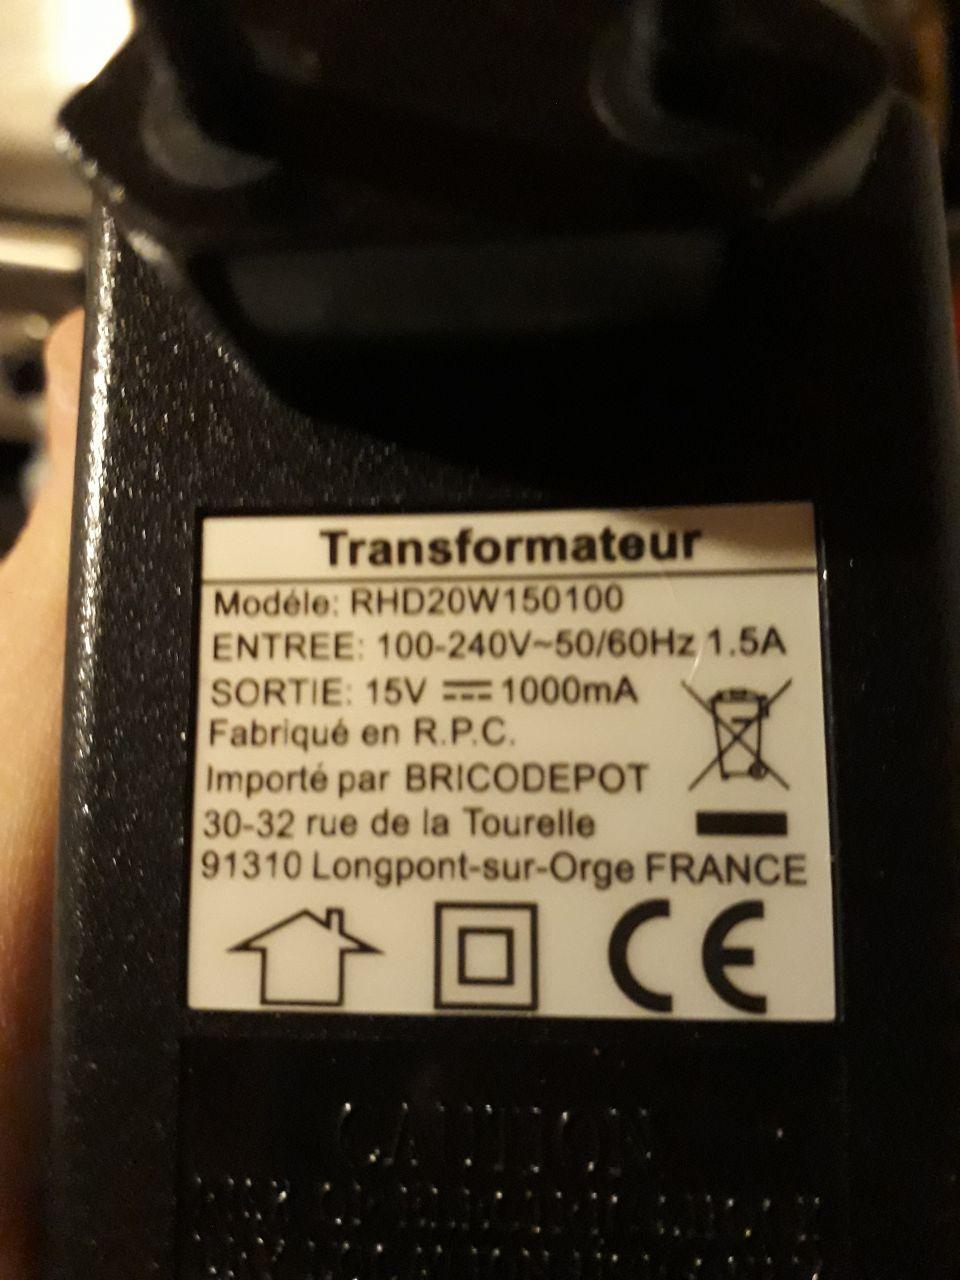 Probleme Interphone Bodner Pas D Image